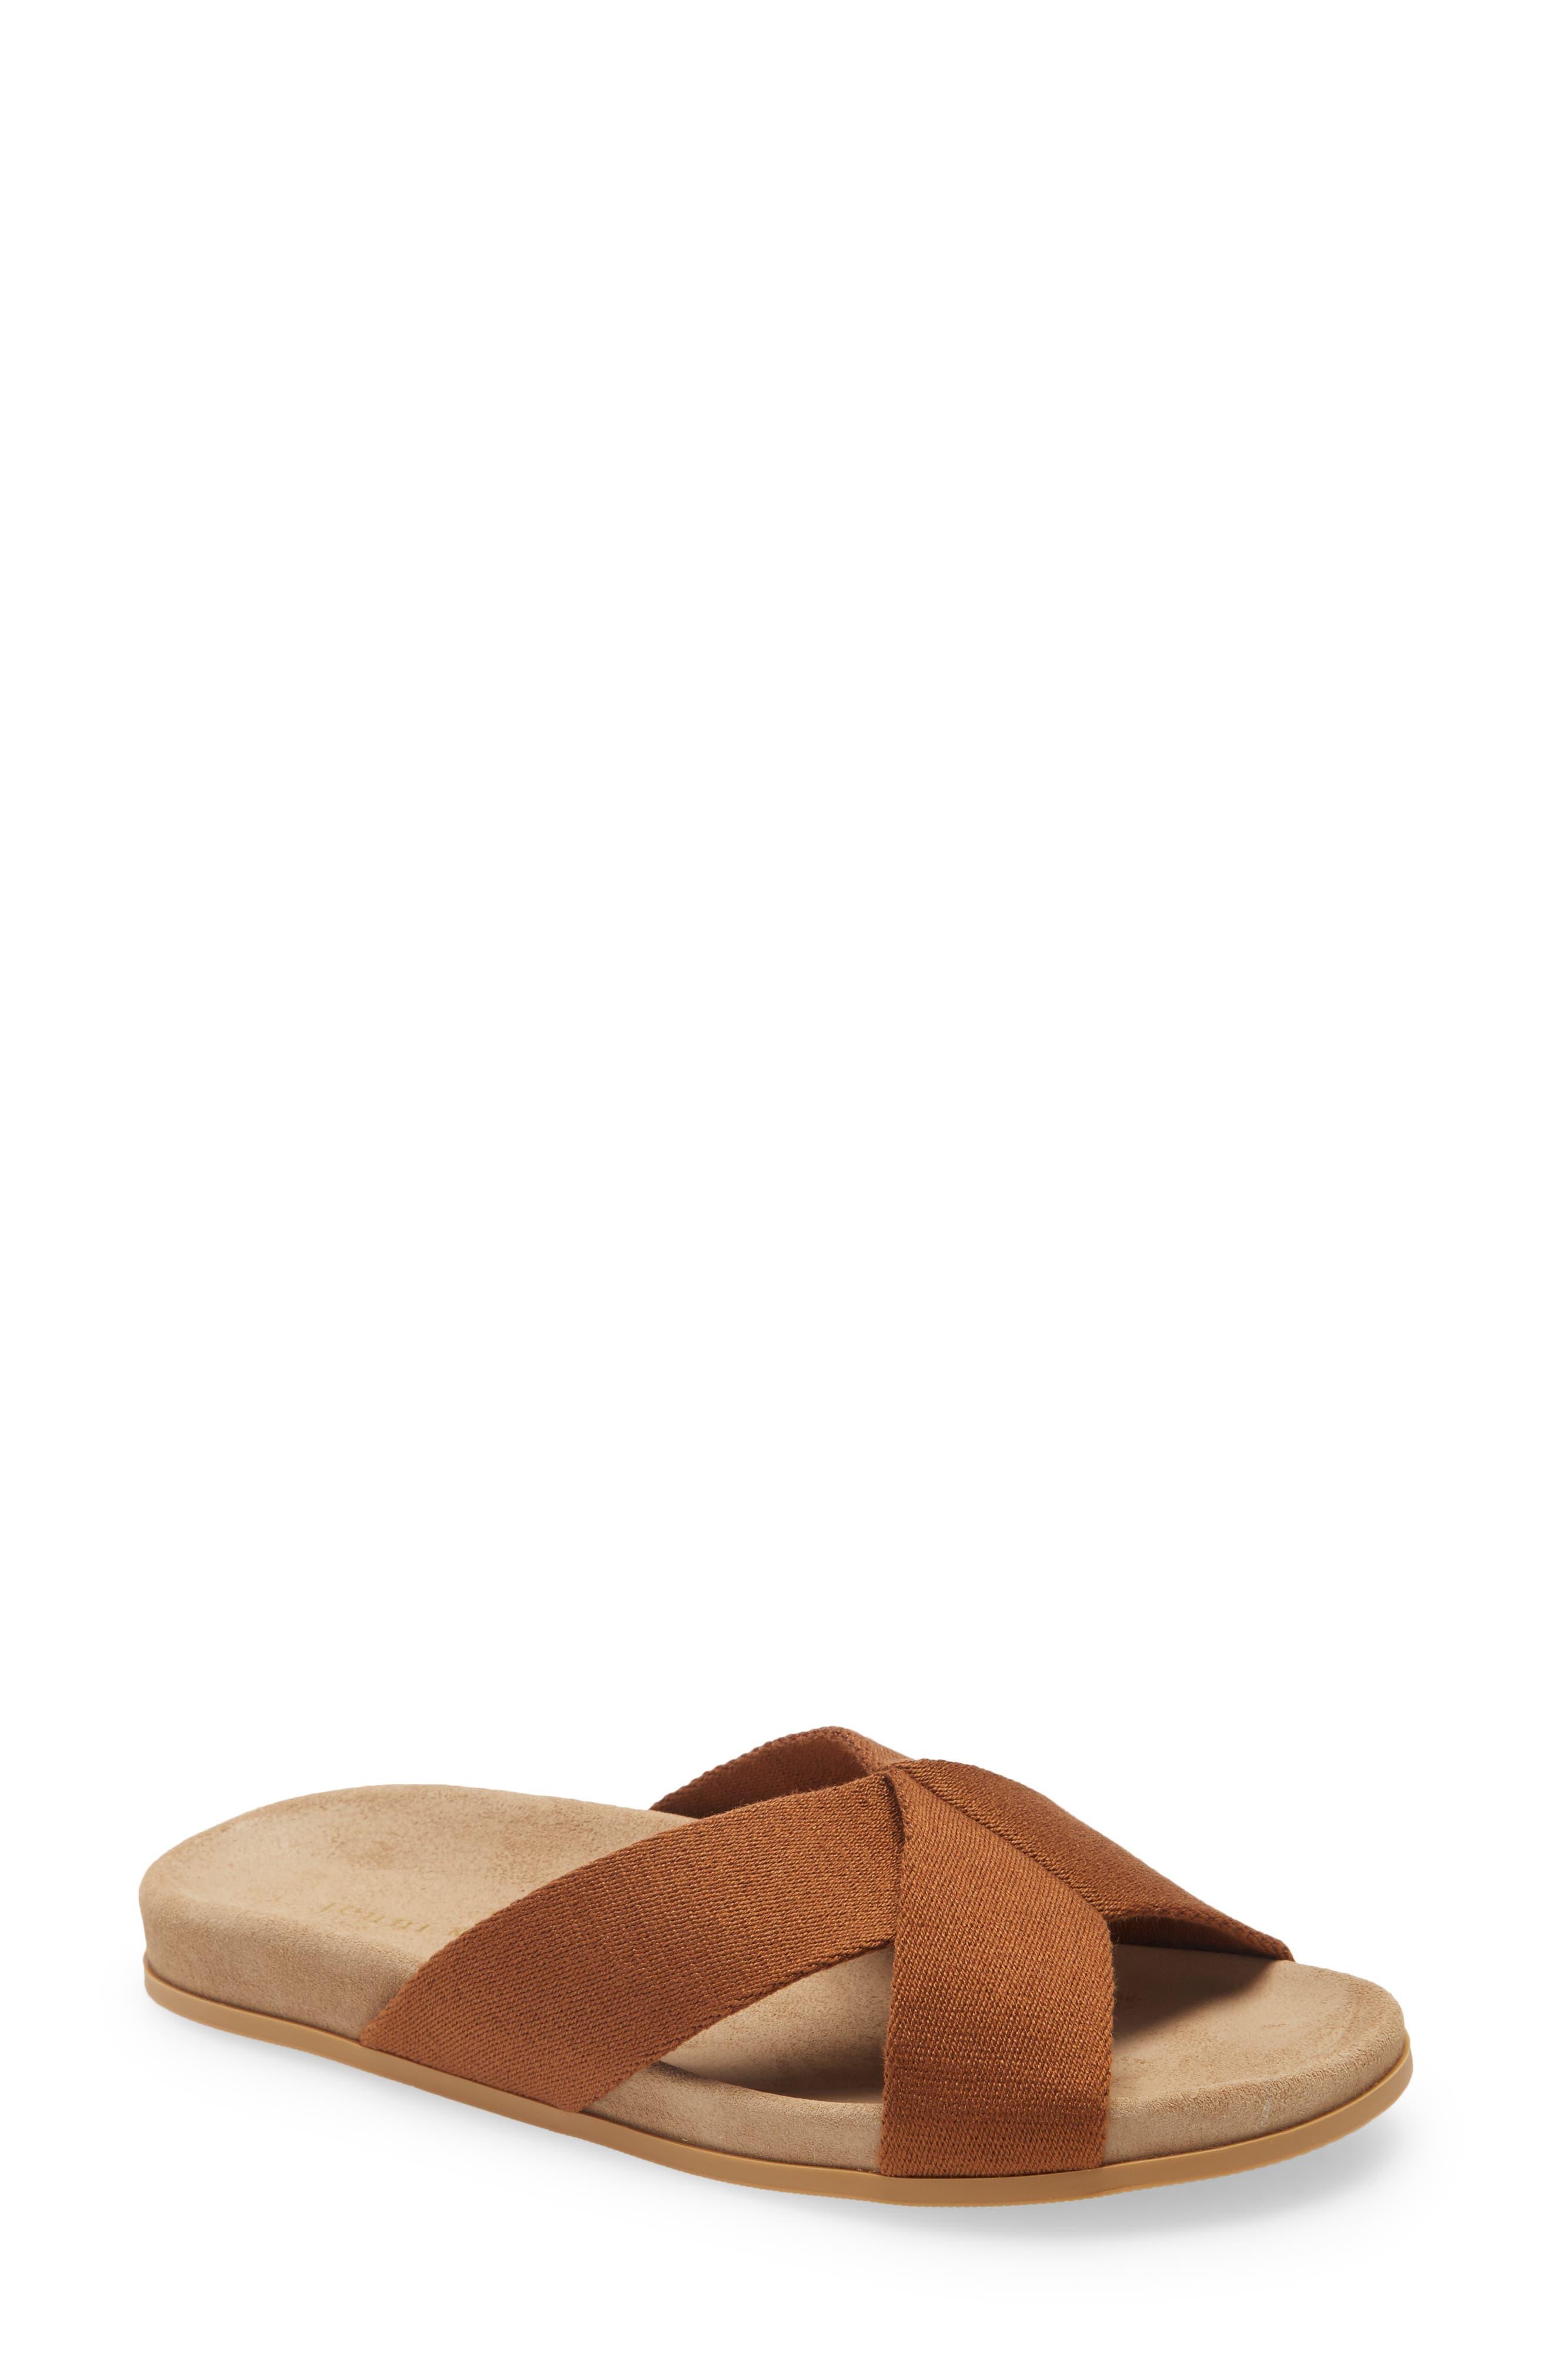 Cross Strap Slide Sandal